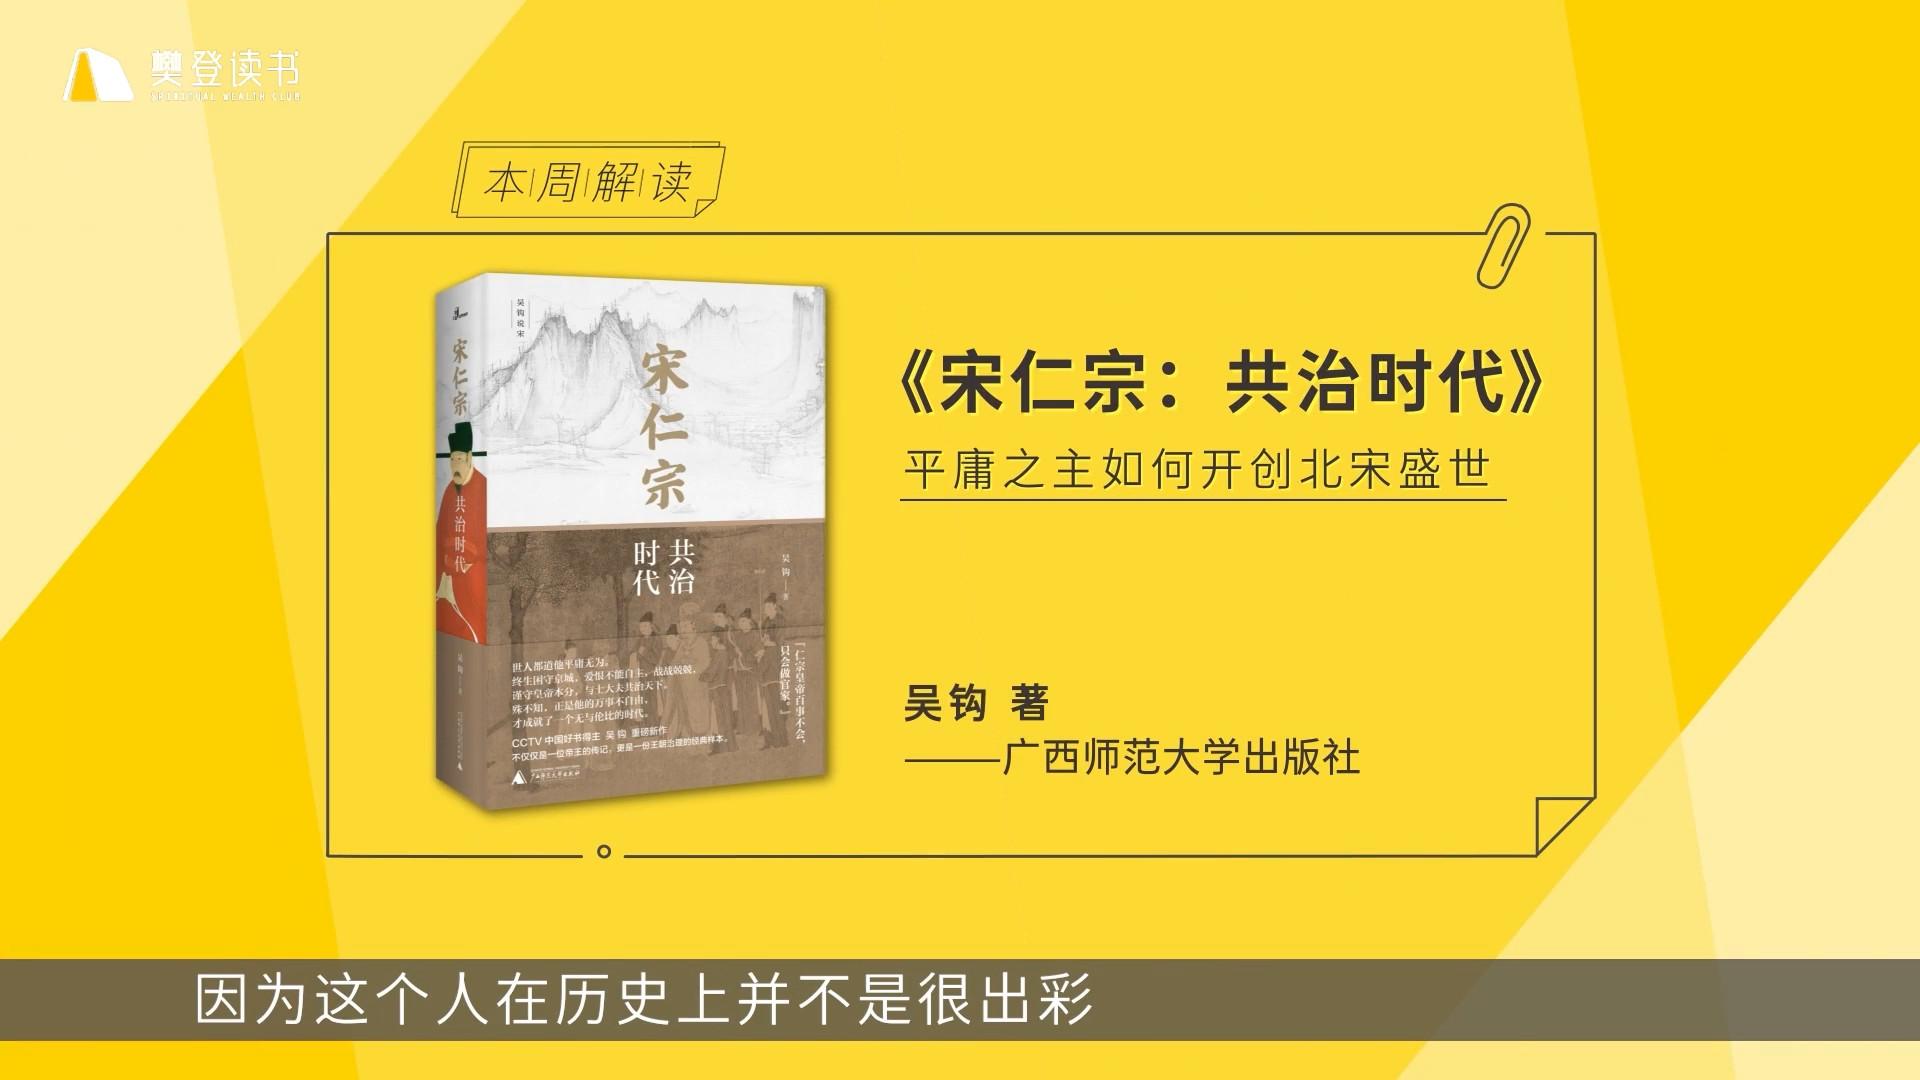 樊登读书会-宋仁宗:共治时代